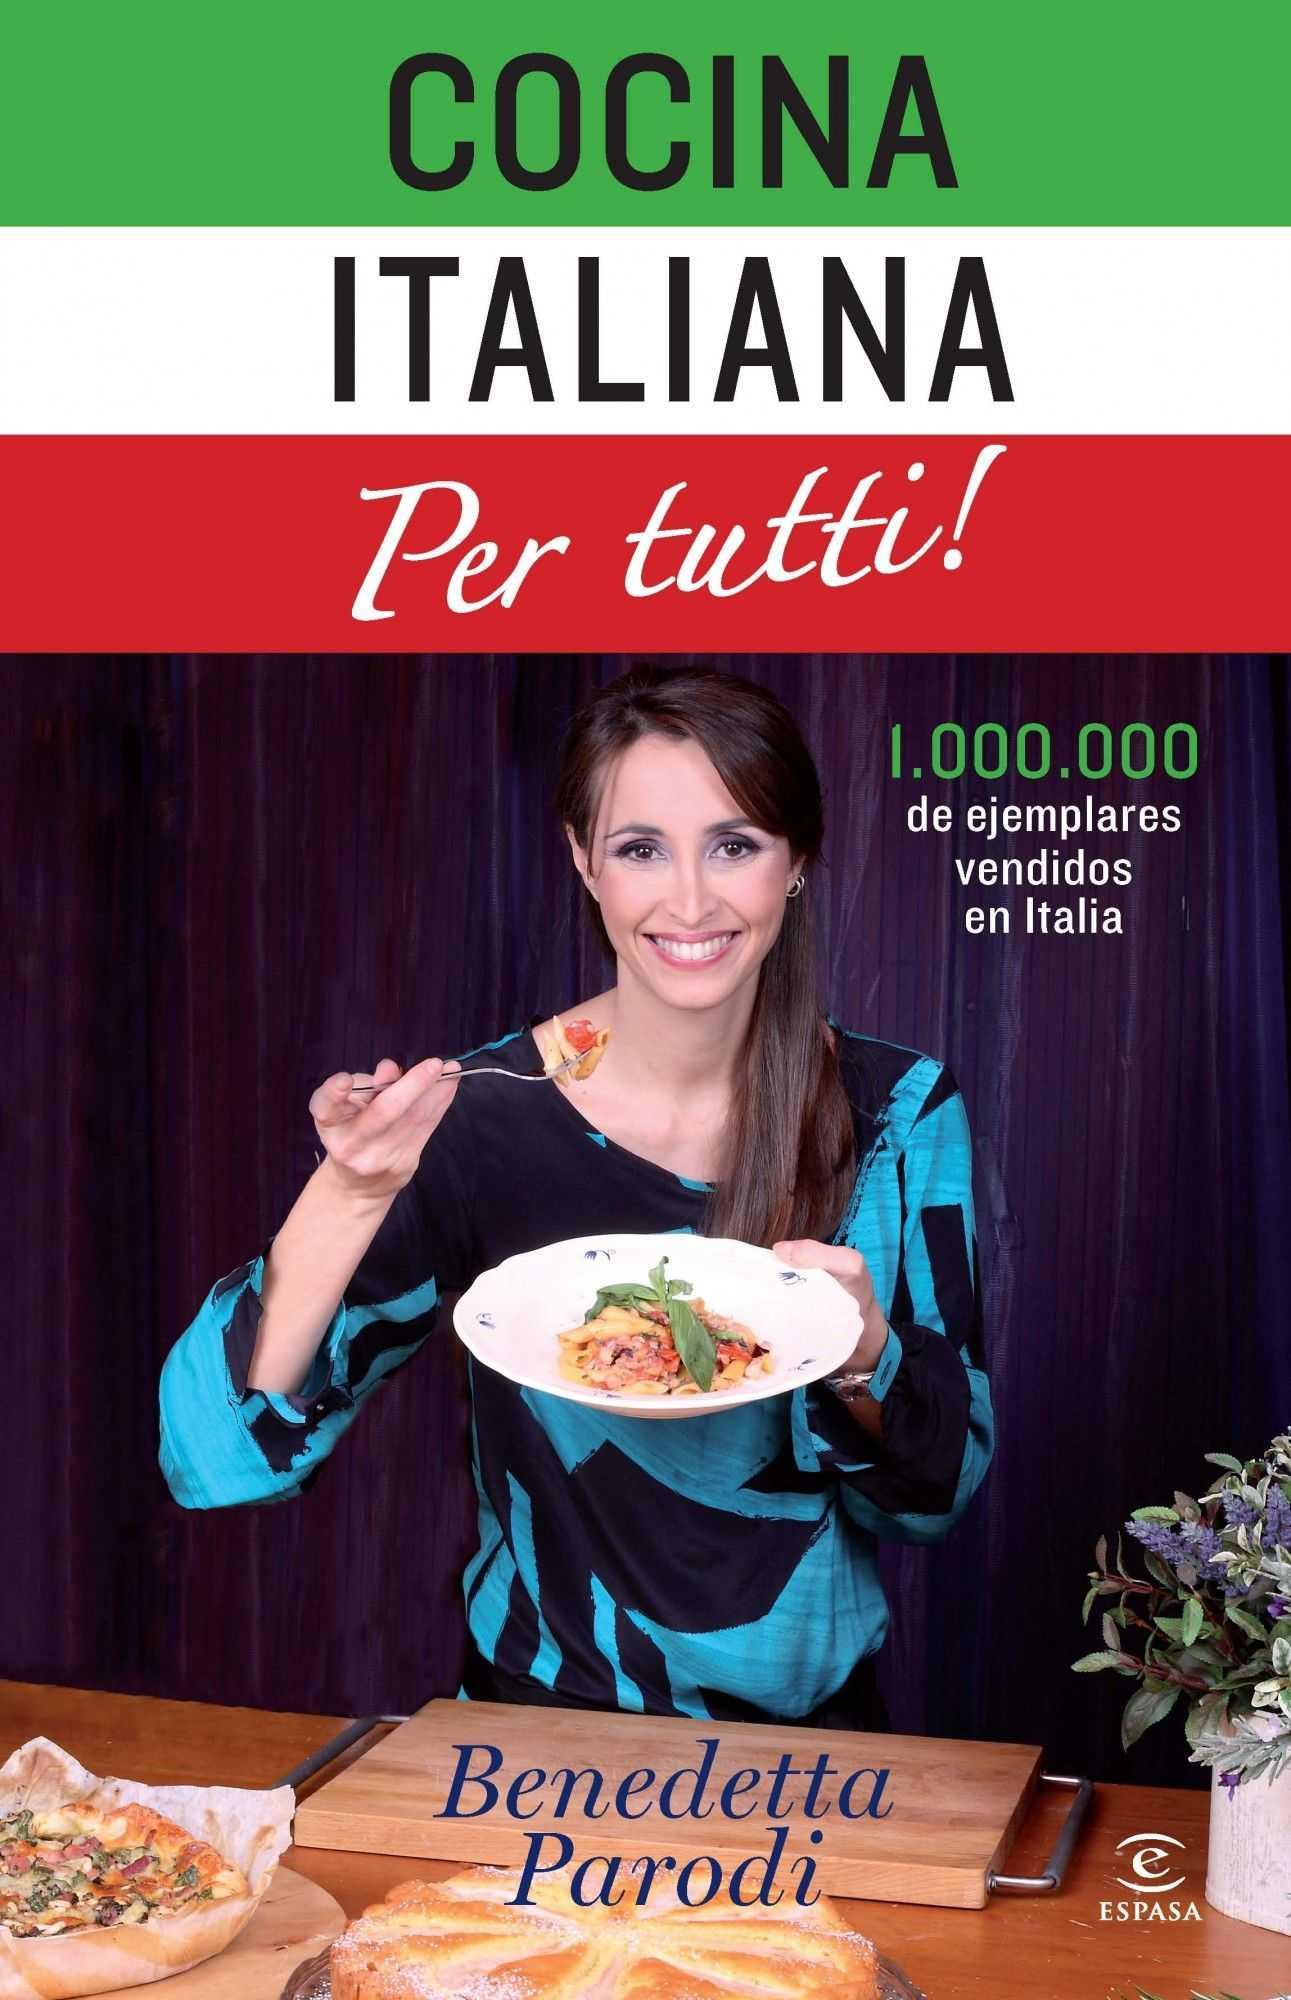 COCINA ITALIANA PER TUTTI